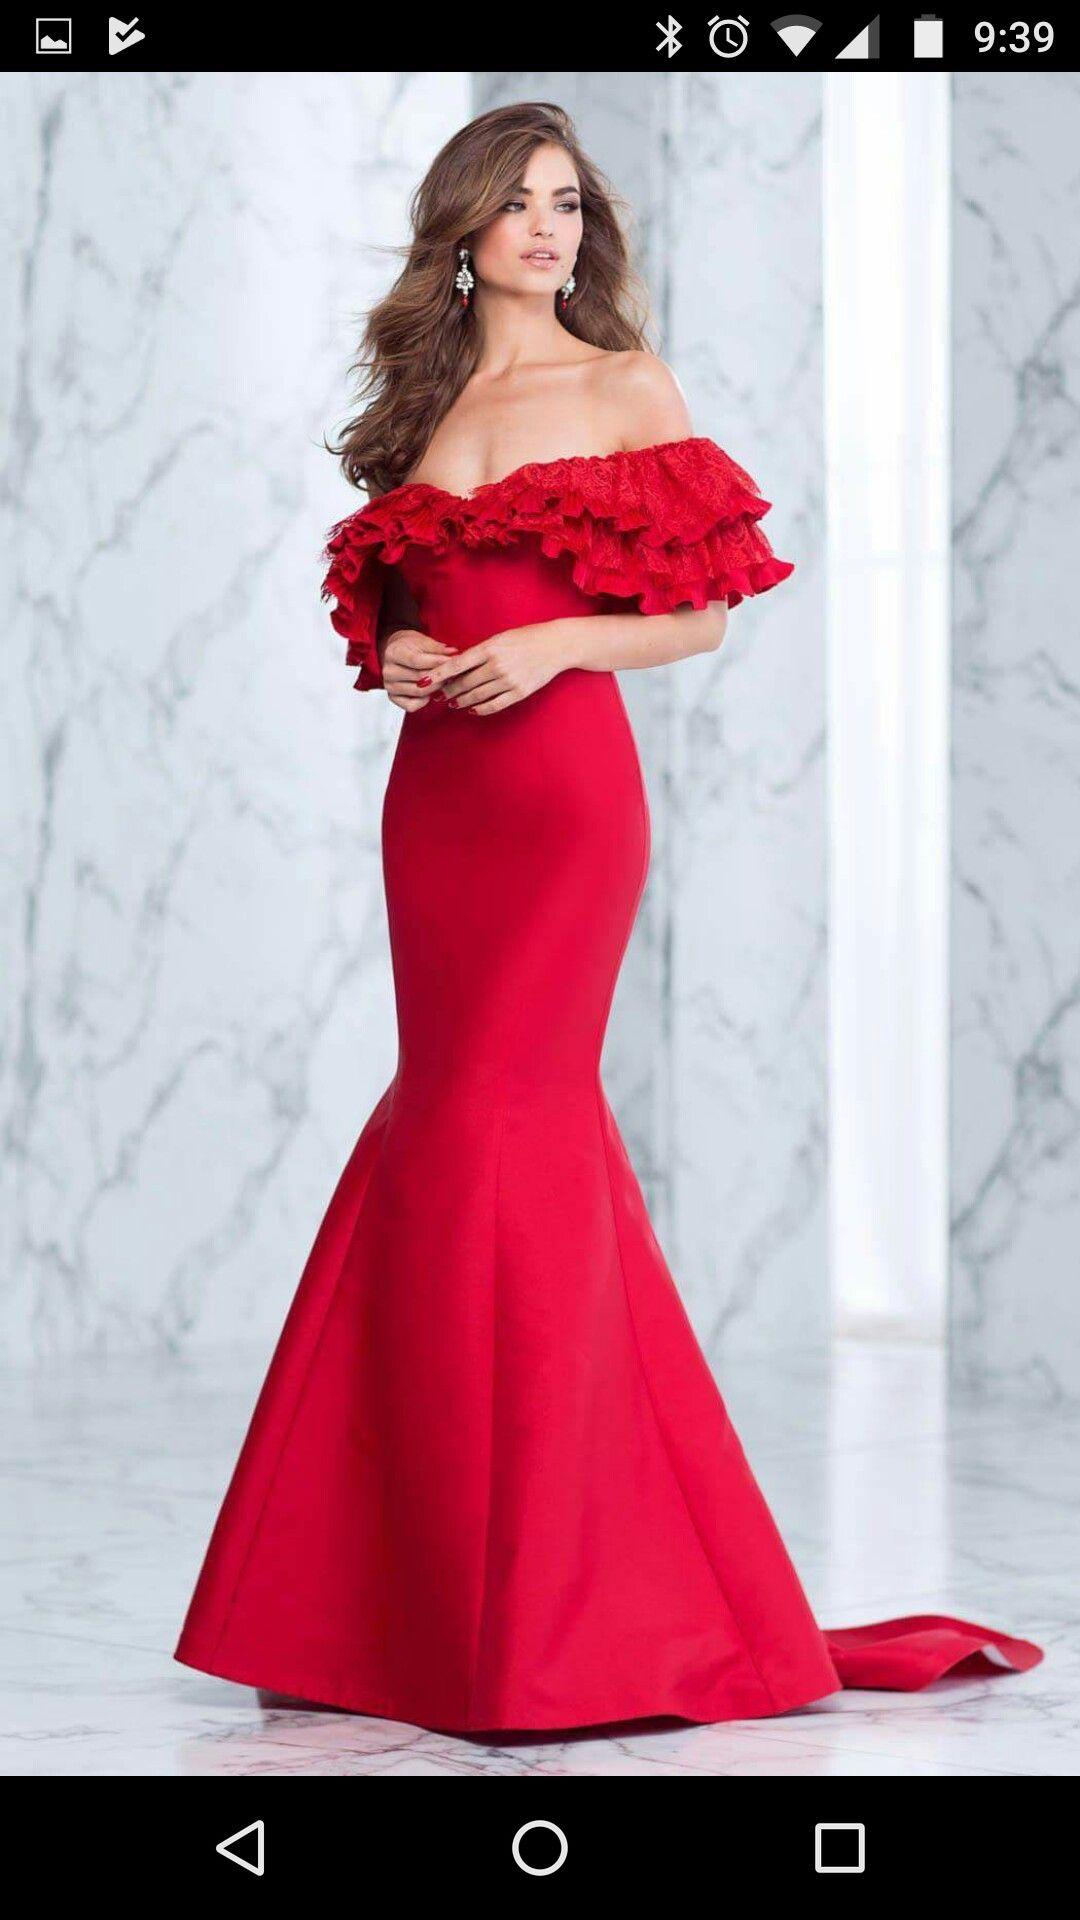 Latina red dress   other dresses   Pinterest   Latina